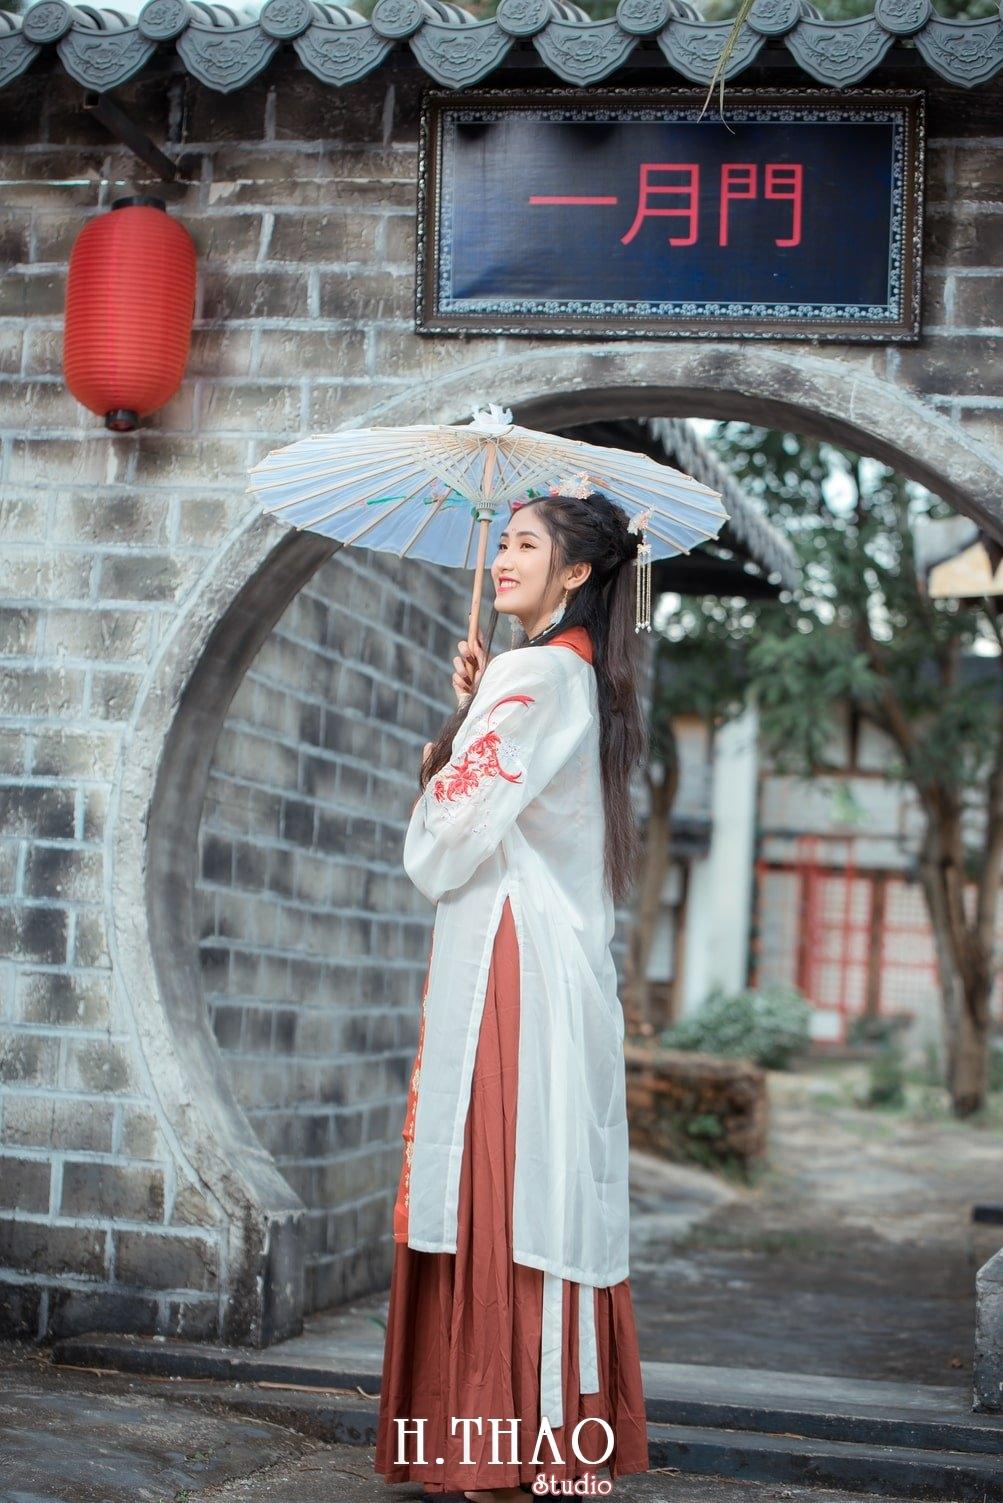 Anh tieu long nu 3 - Bộ ảnh cổ trang chụp theo concept tiểu long nữ nhẹ nhàng - HThao Studio